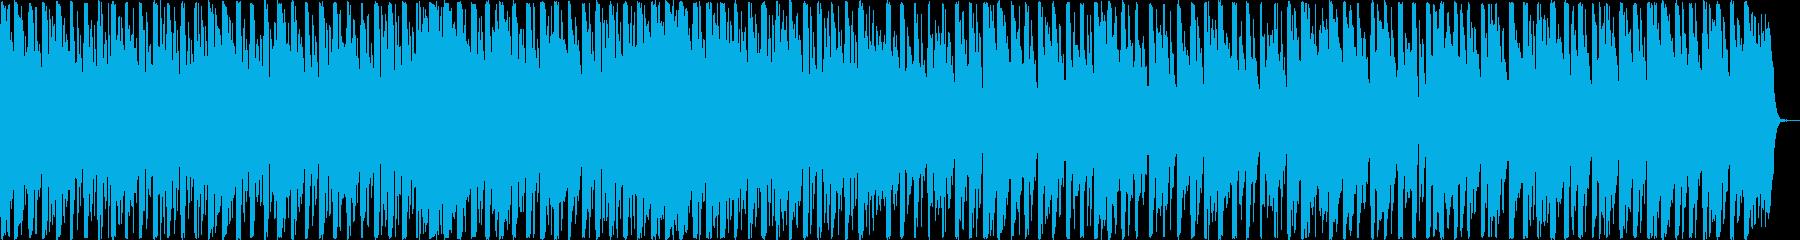 ピコピコした音がかわいいテクノポップの再生済みの波形